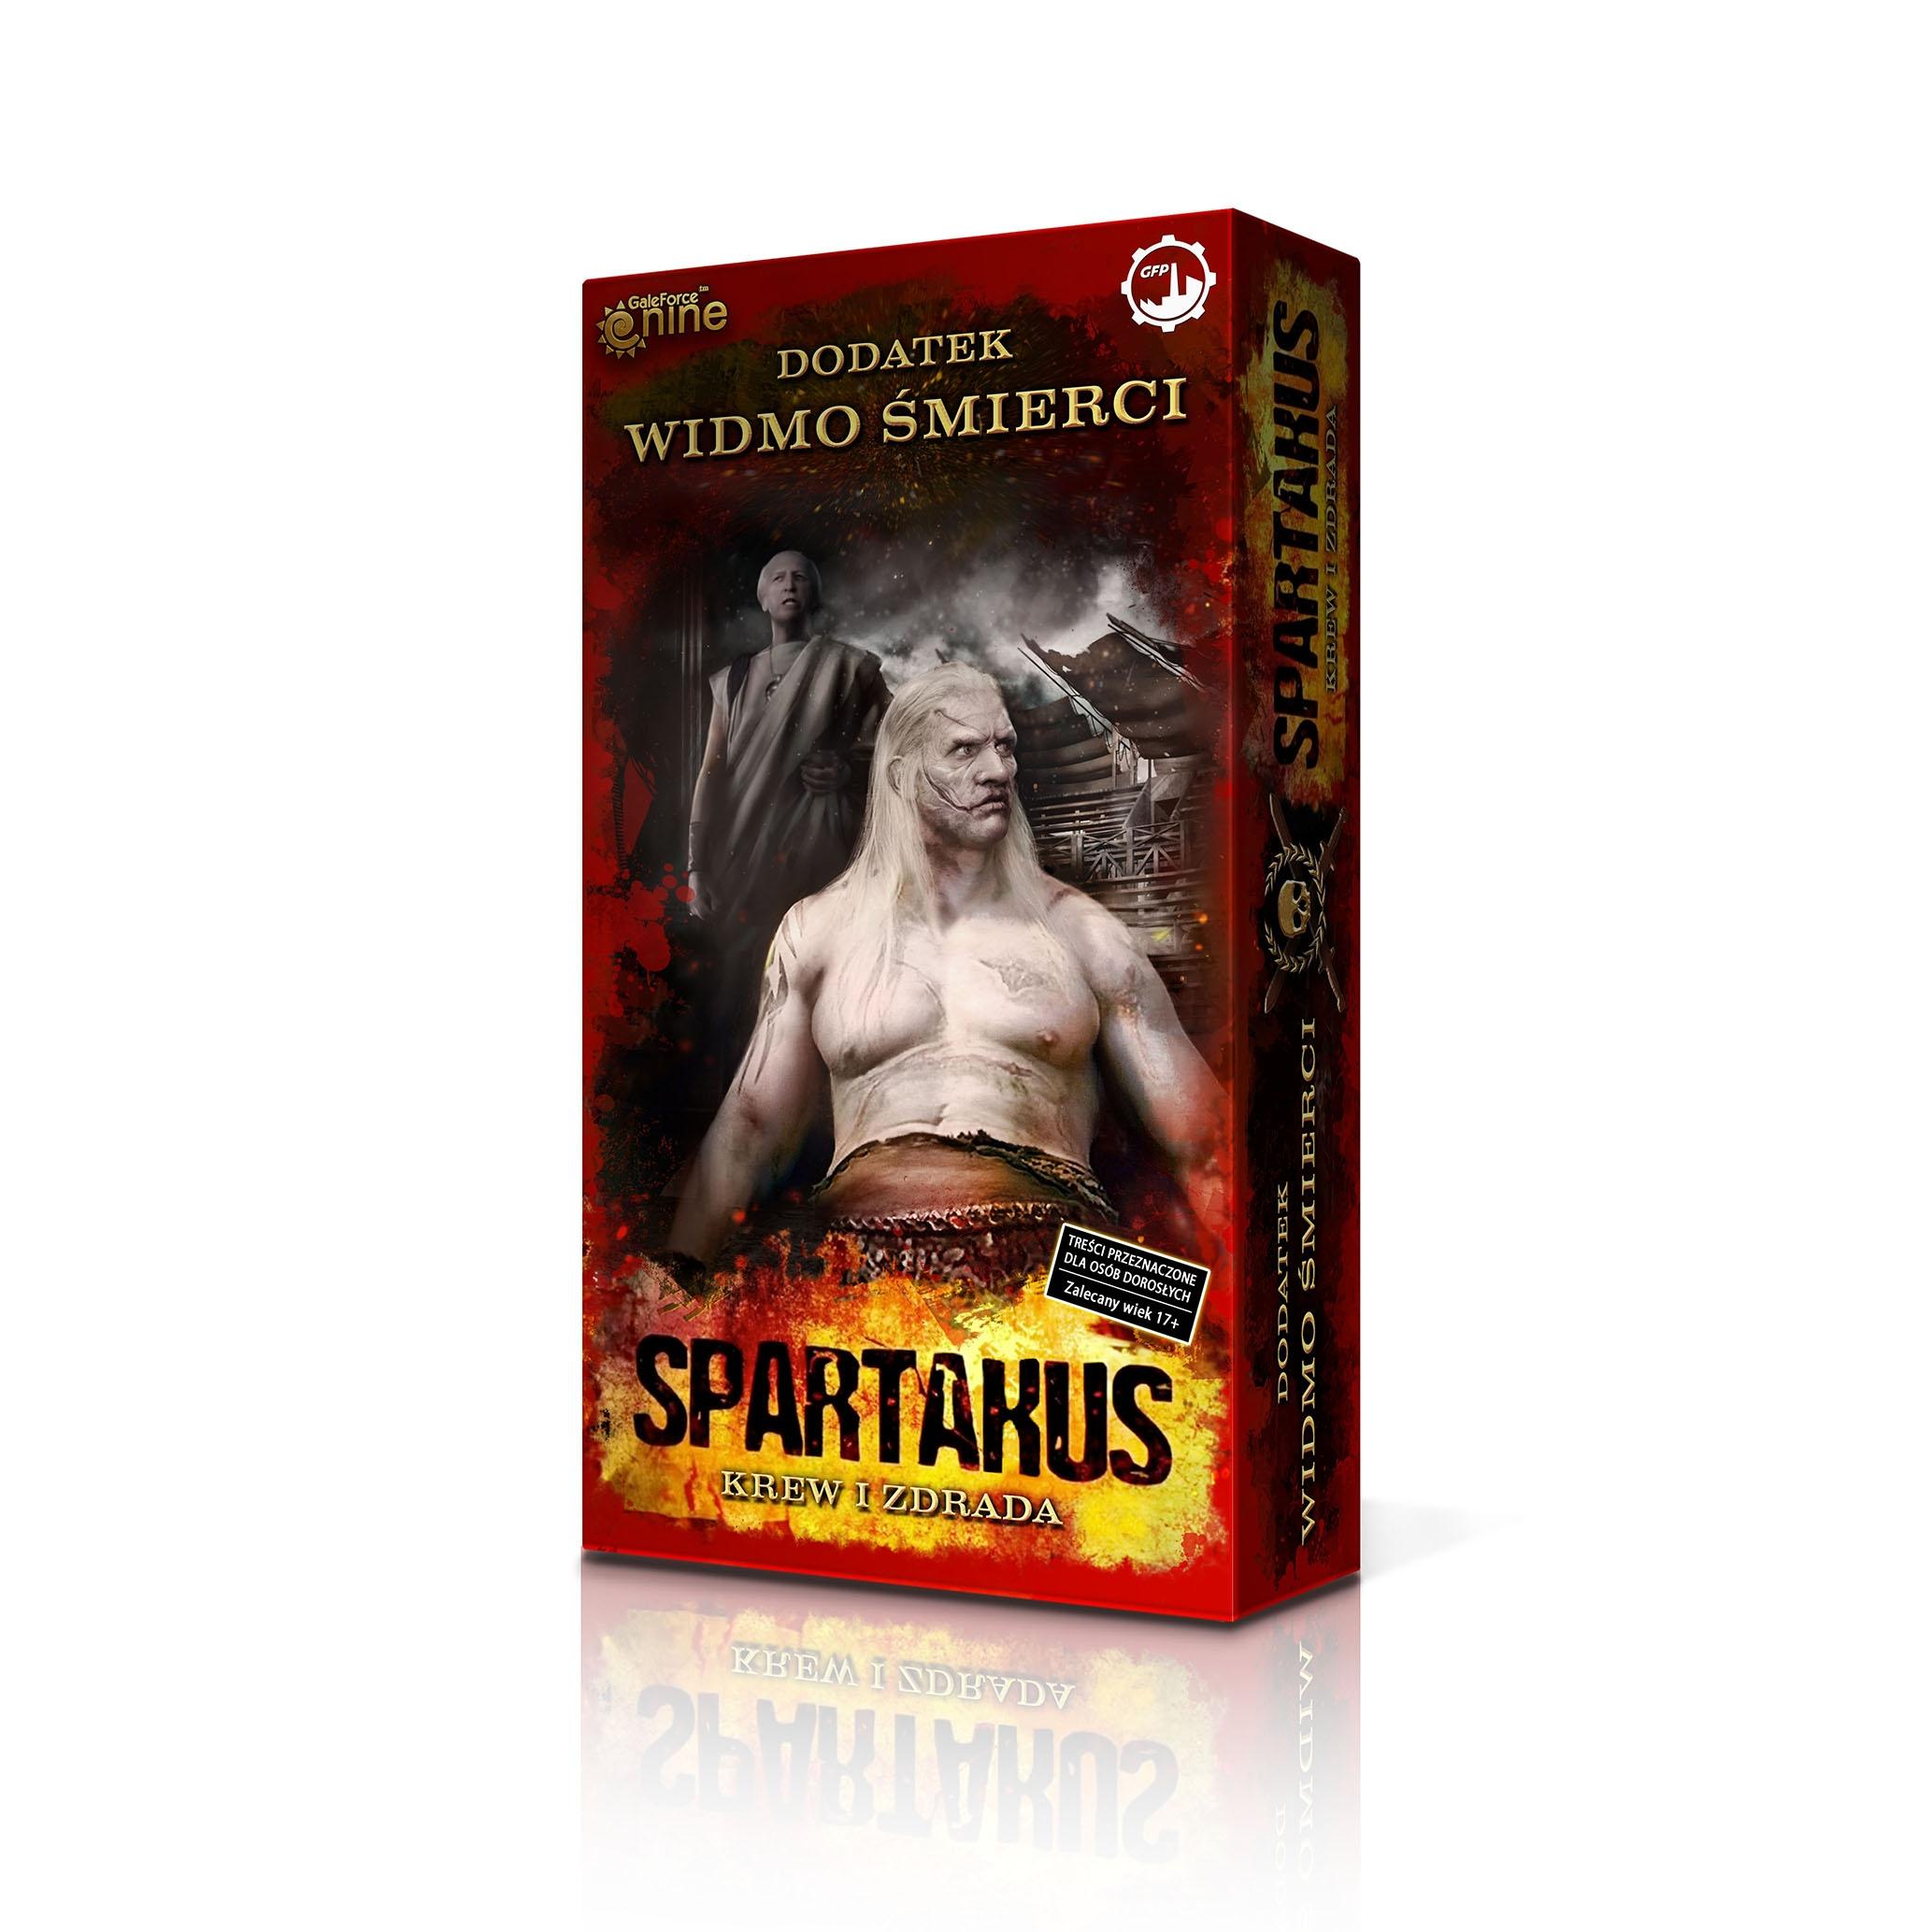 Spartakus: Widmo Śmierci